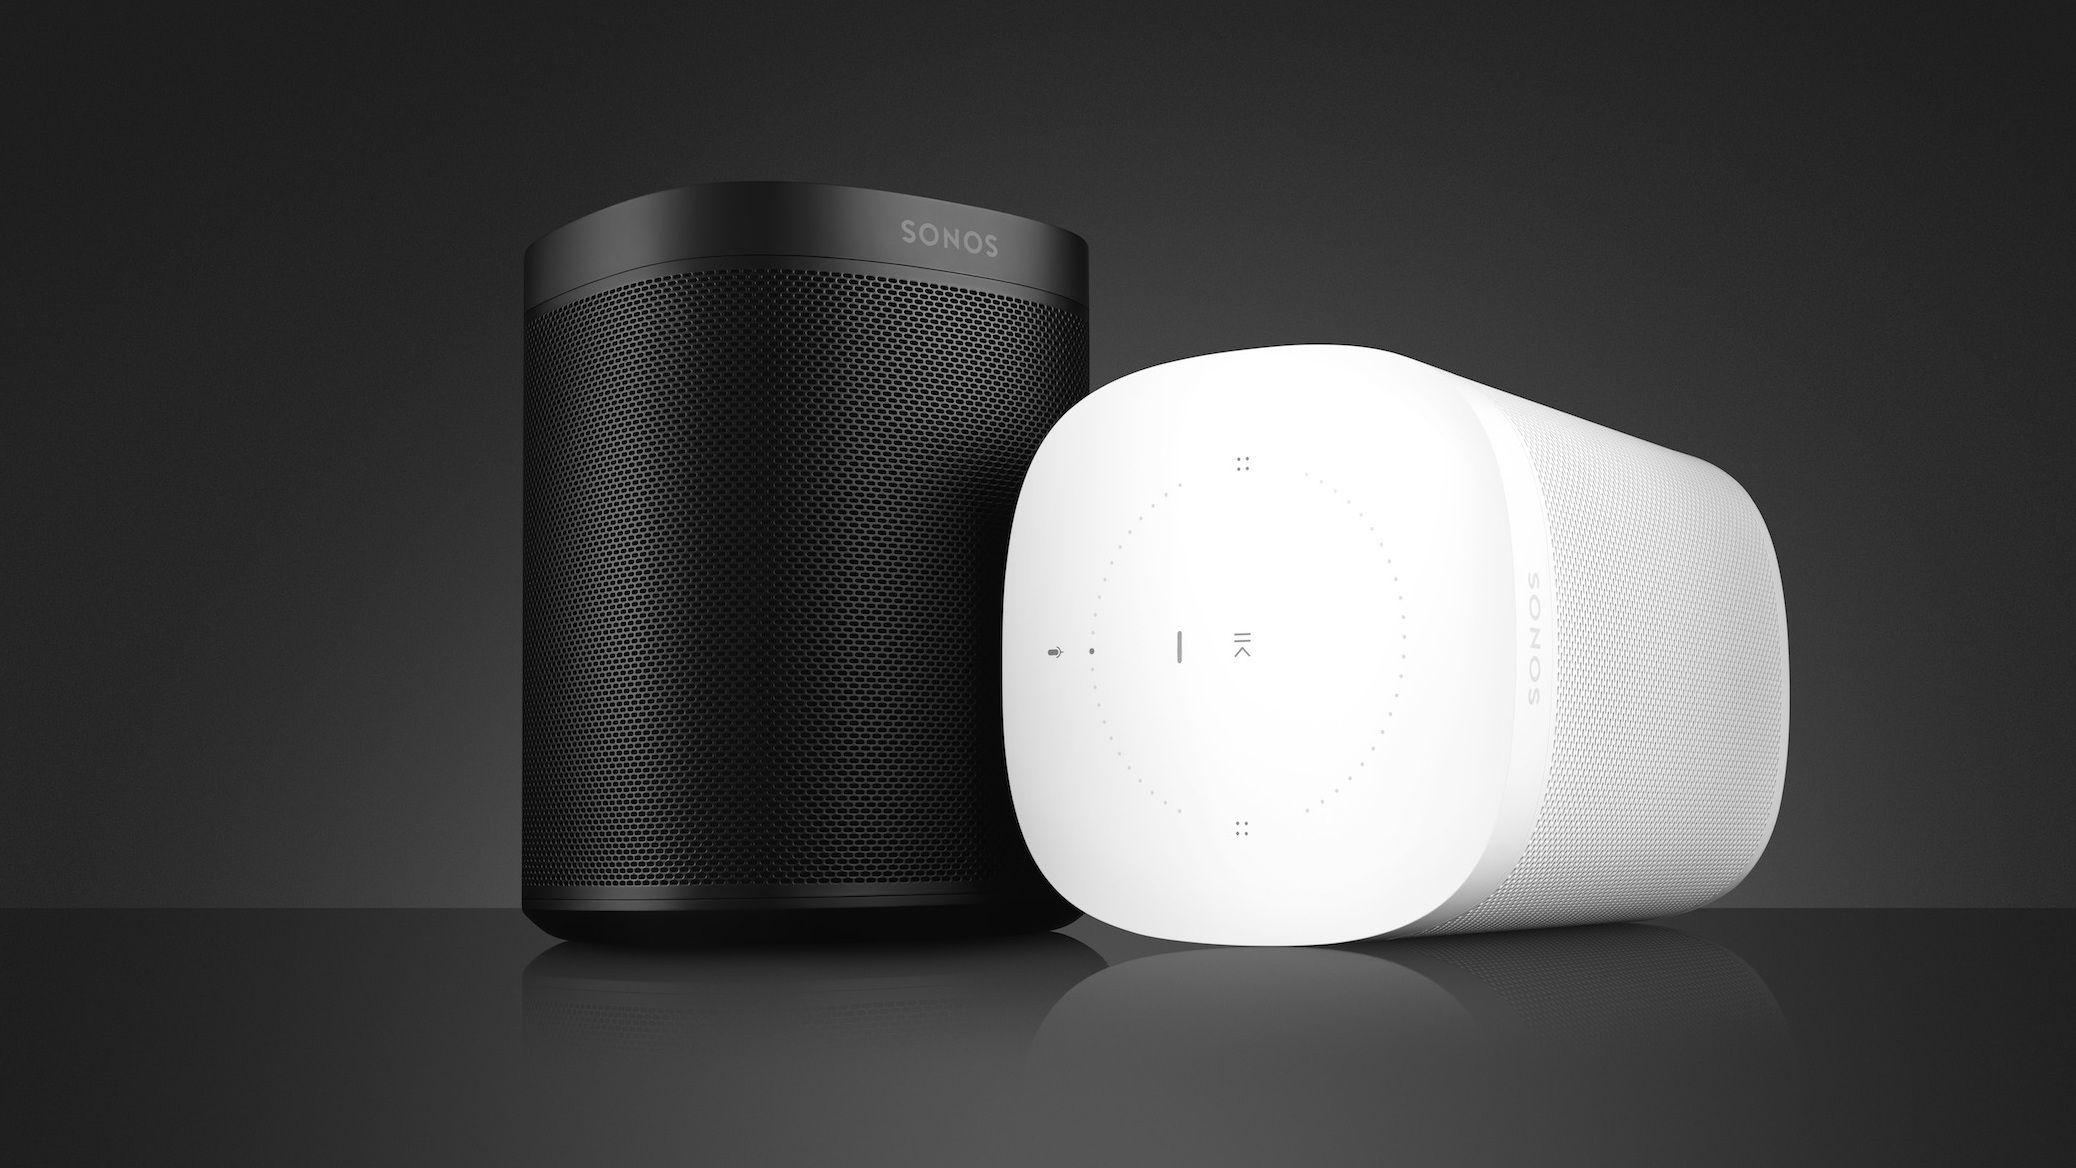 Sonos lanserer One – en ny høyttaler med innebygde smartassistenter